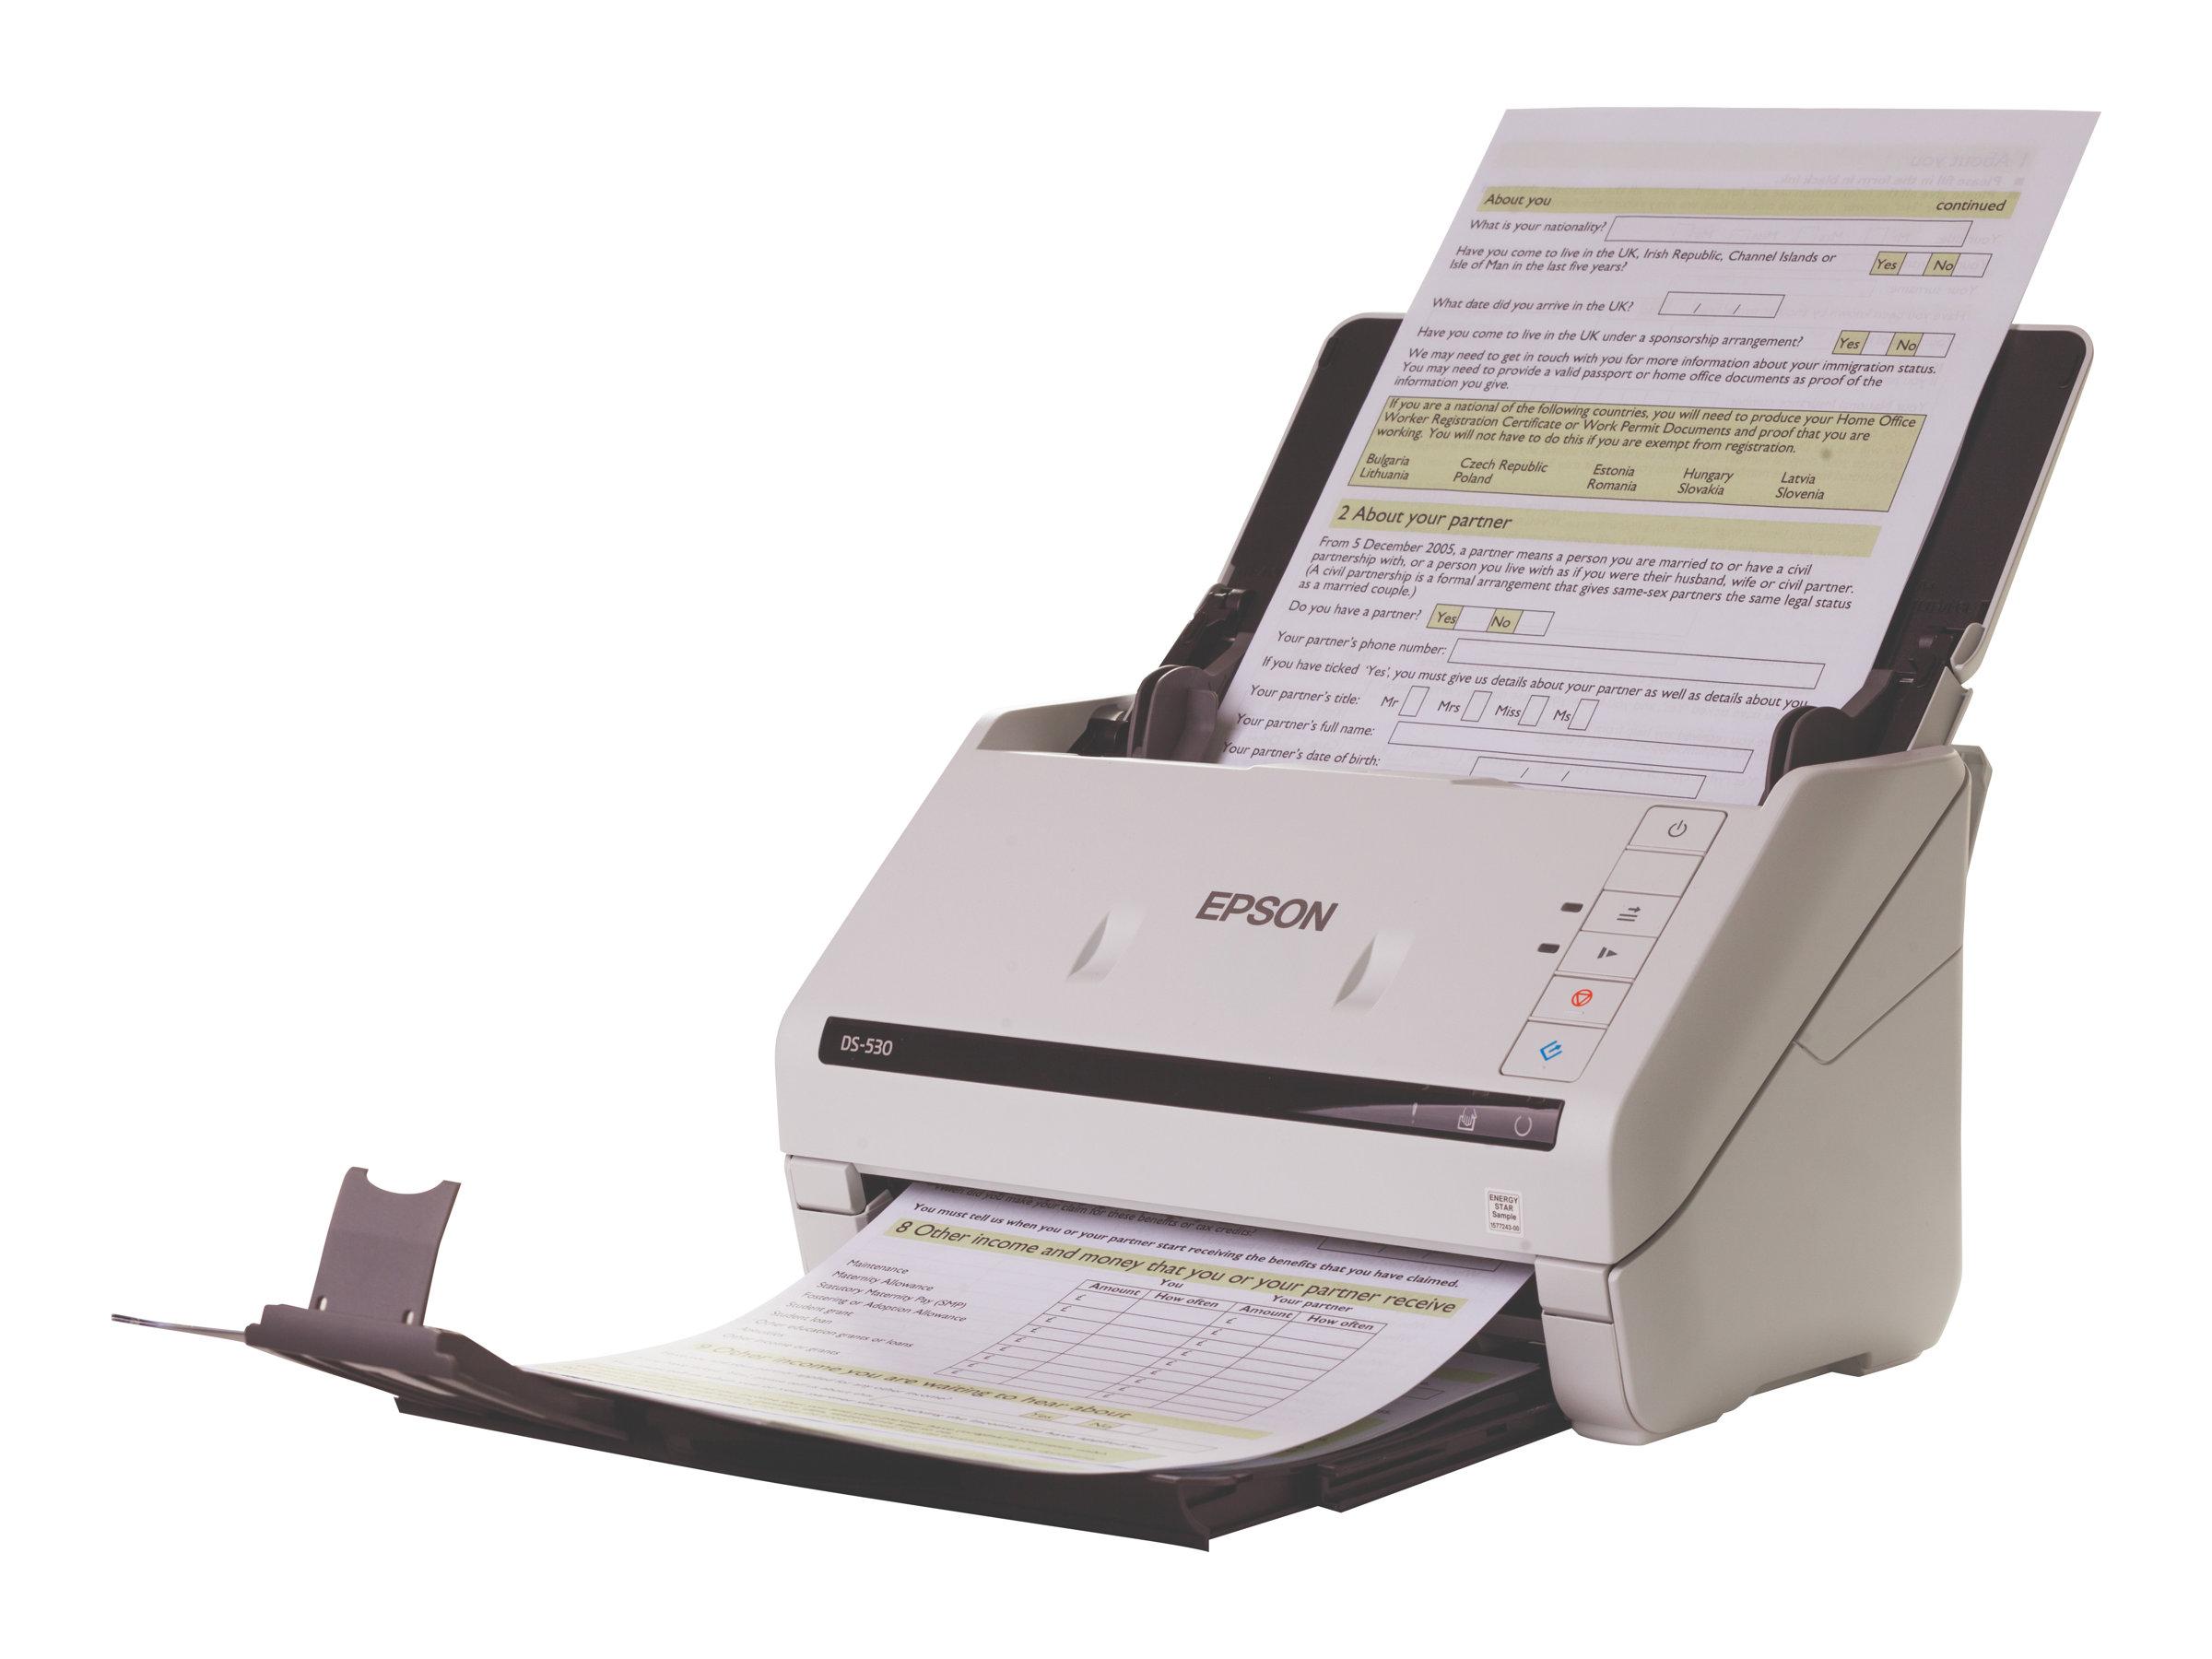 Epson WorkForce DS-530 - Dokumentenscanner - Duplex - A4/Legal - 600 dpi x 600 dpi - bis zu 35 Seiten/Min. (einfarbig) / bis zu